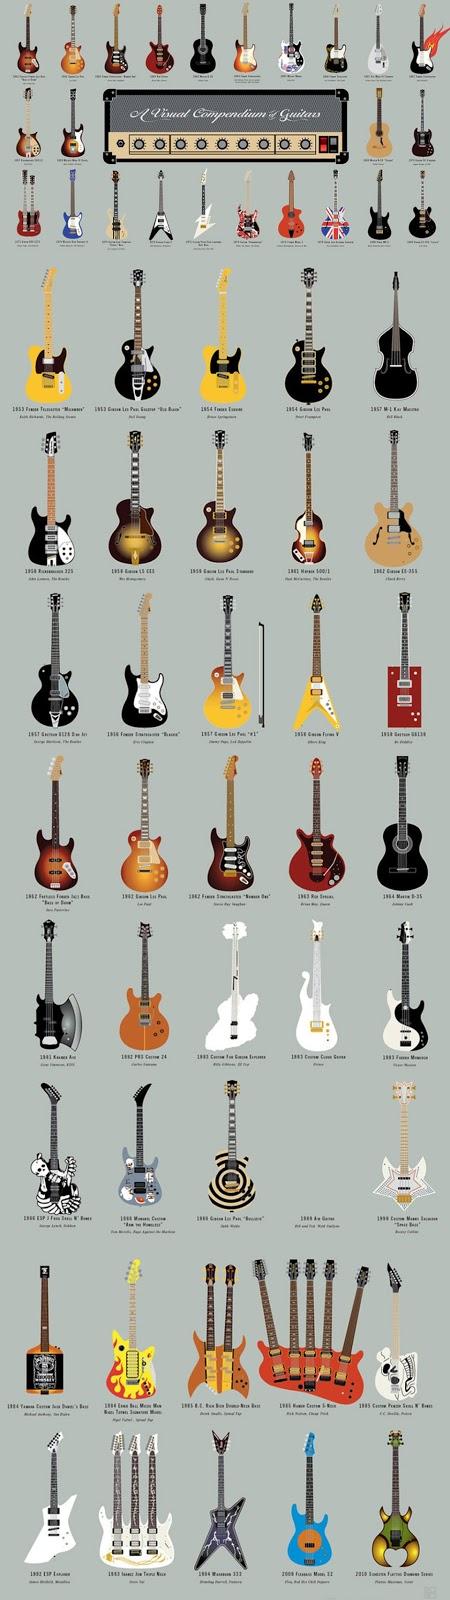 A Visual Compendium of Guitars - Infographic